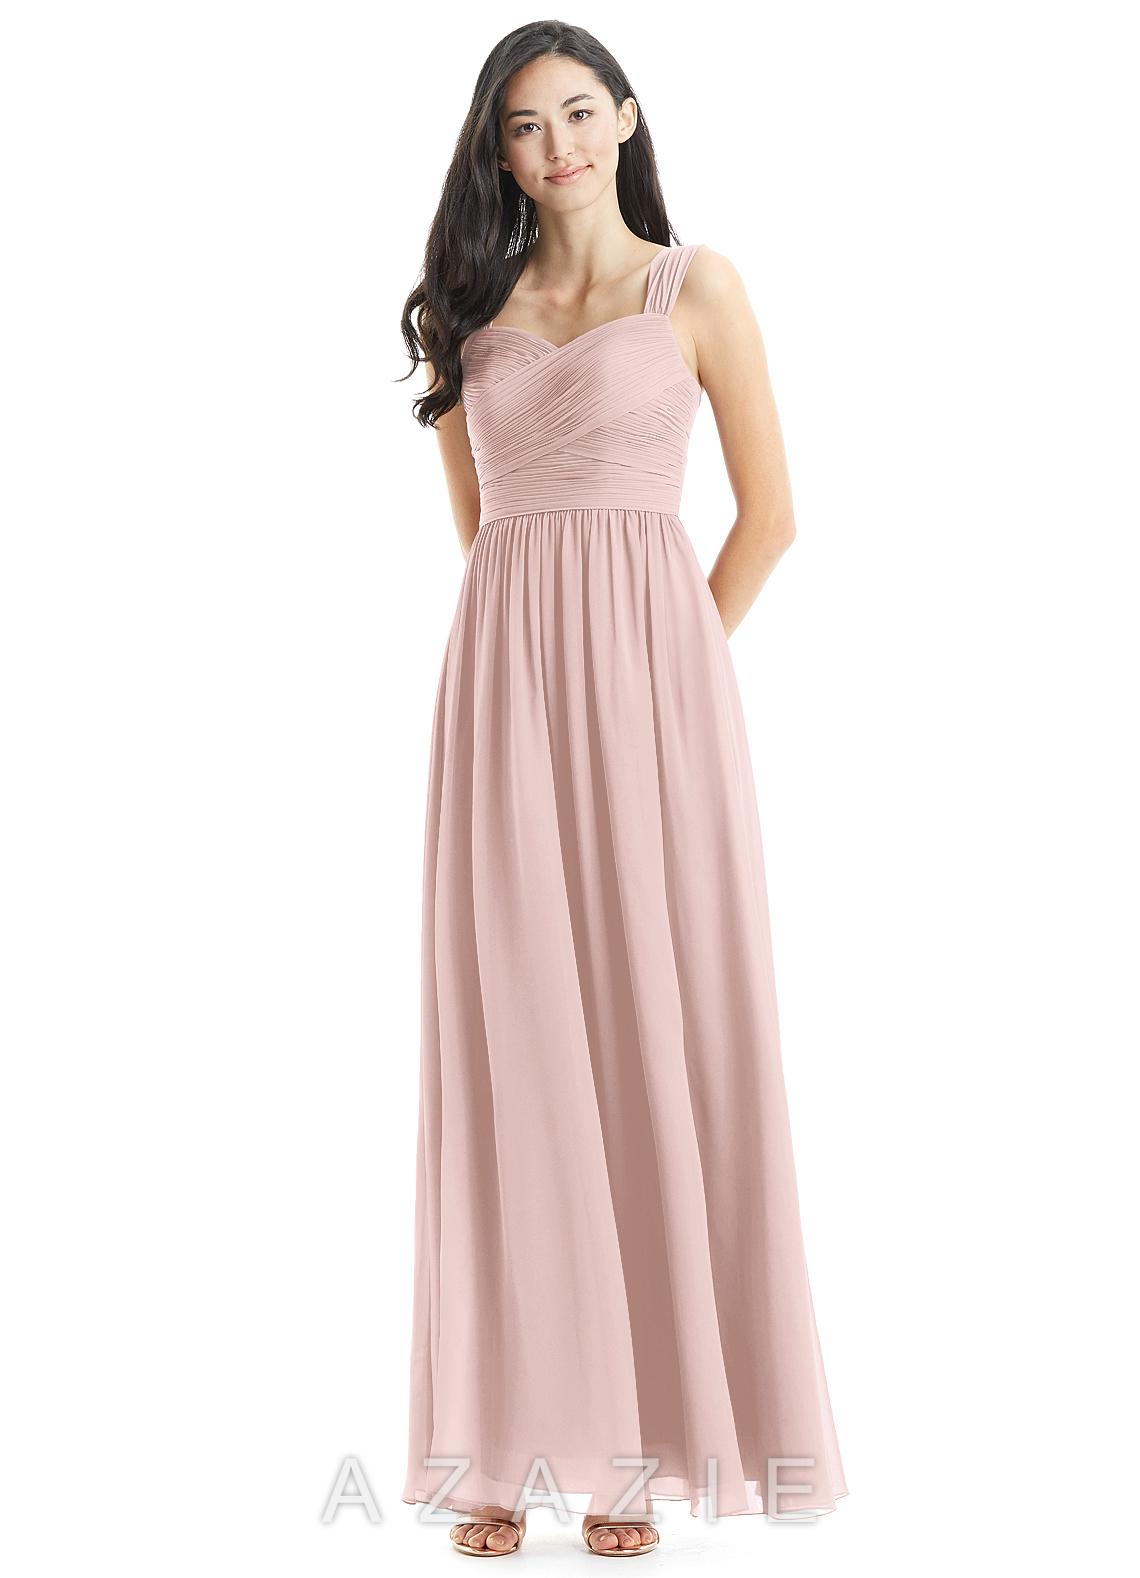 Azazie Zapheira Bridesmaid Dress | Azazie - photo #19